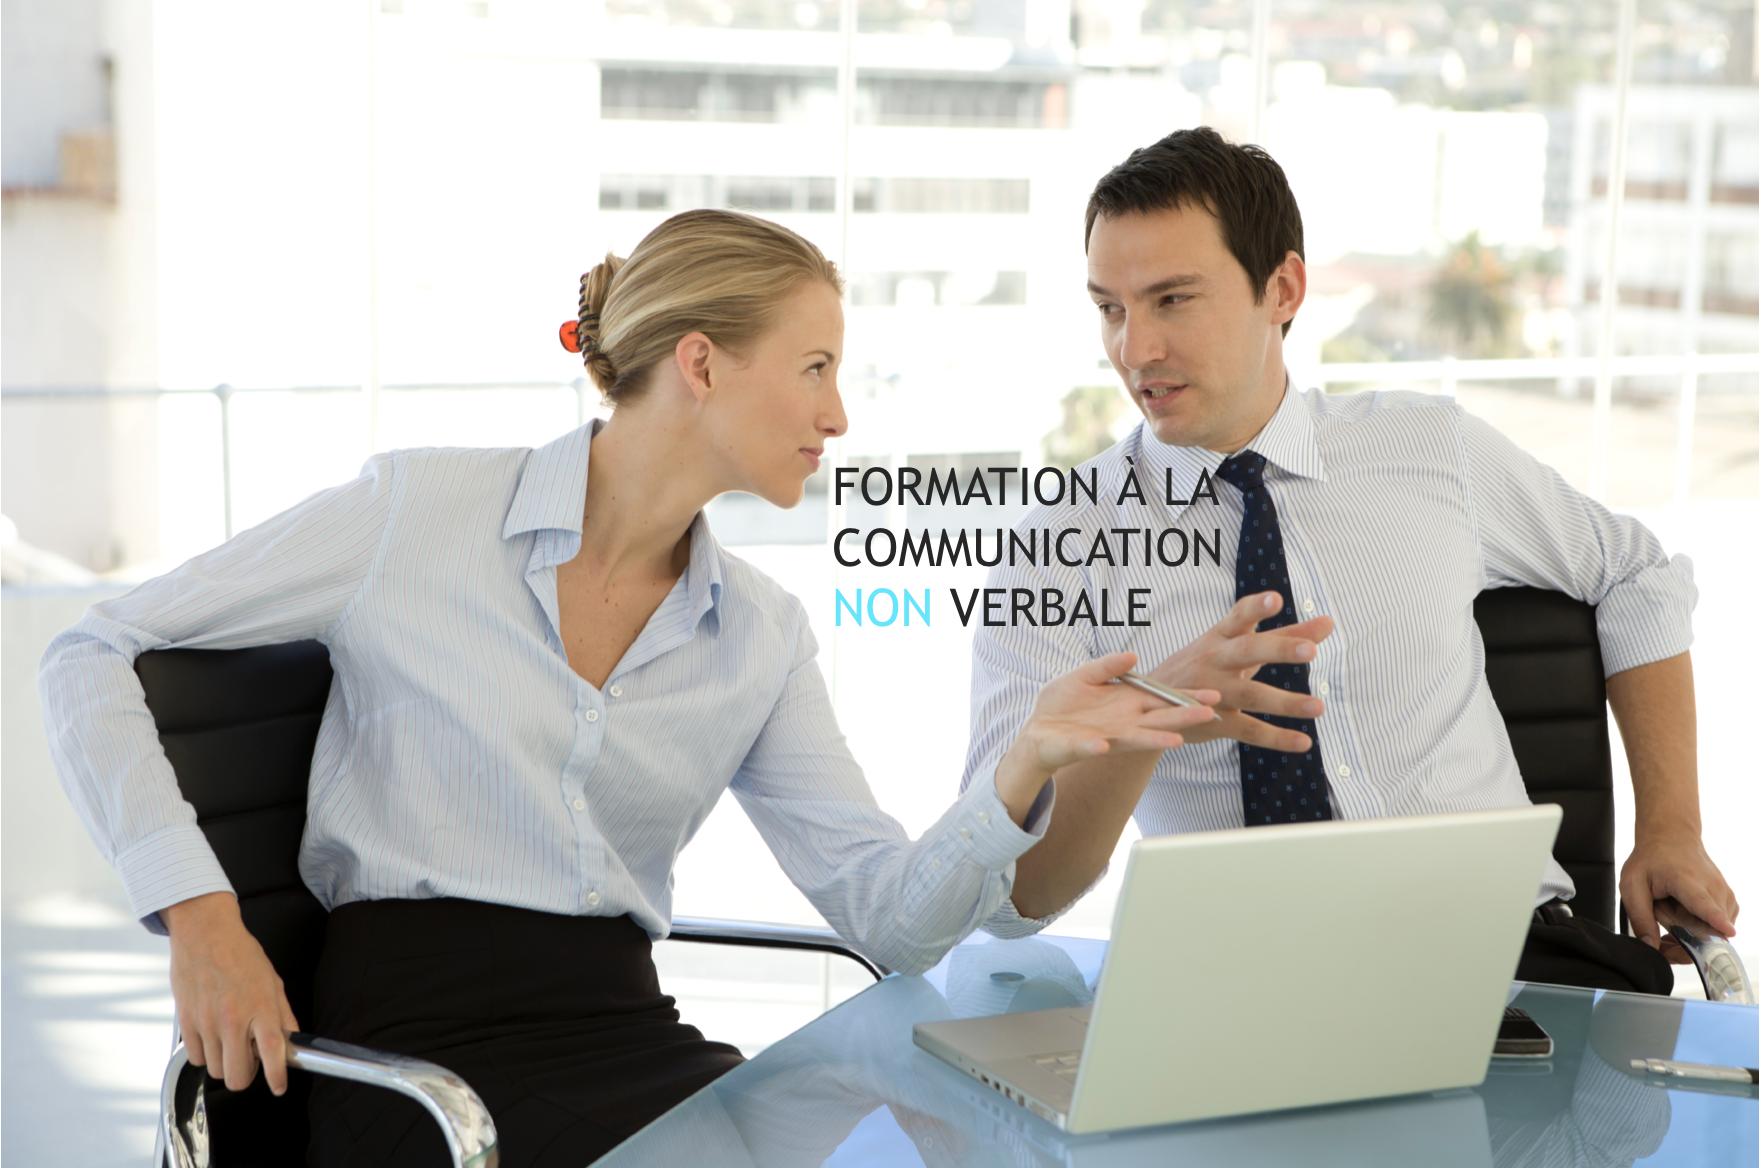 Formation à la communication non verbale